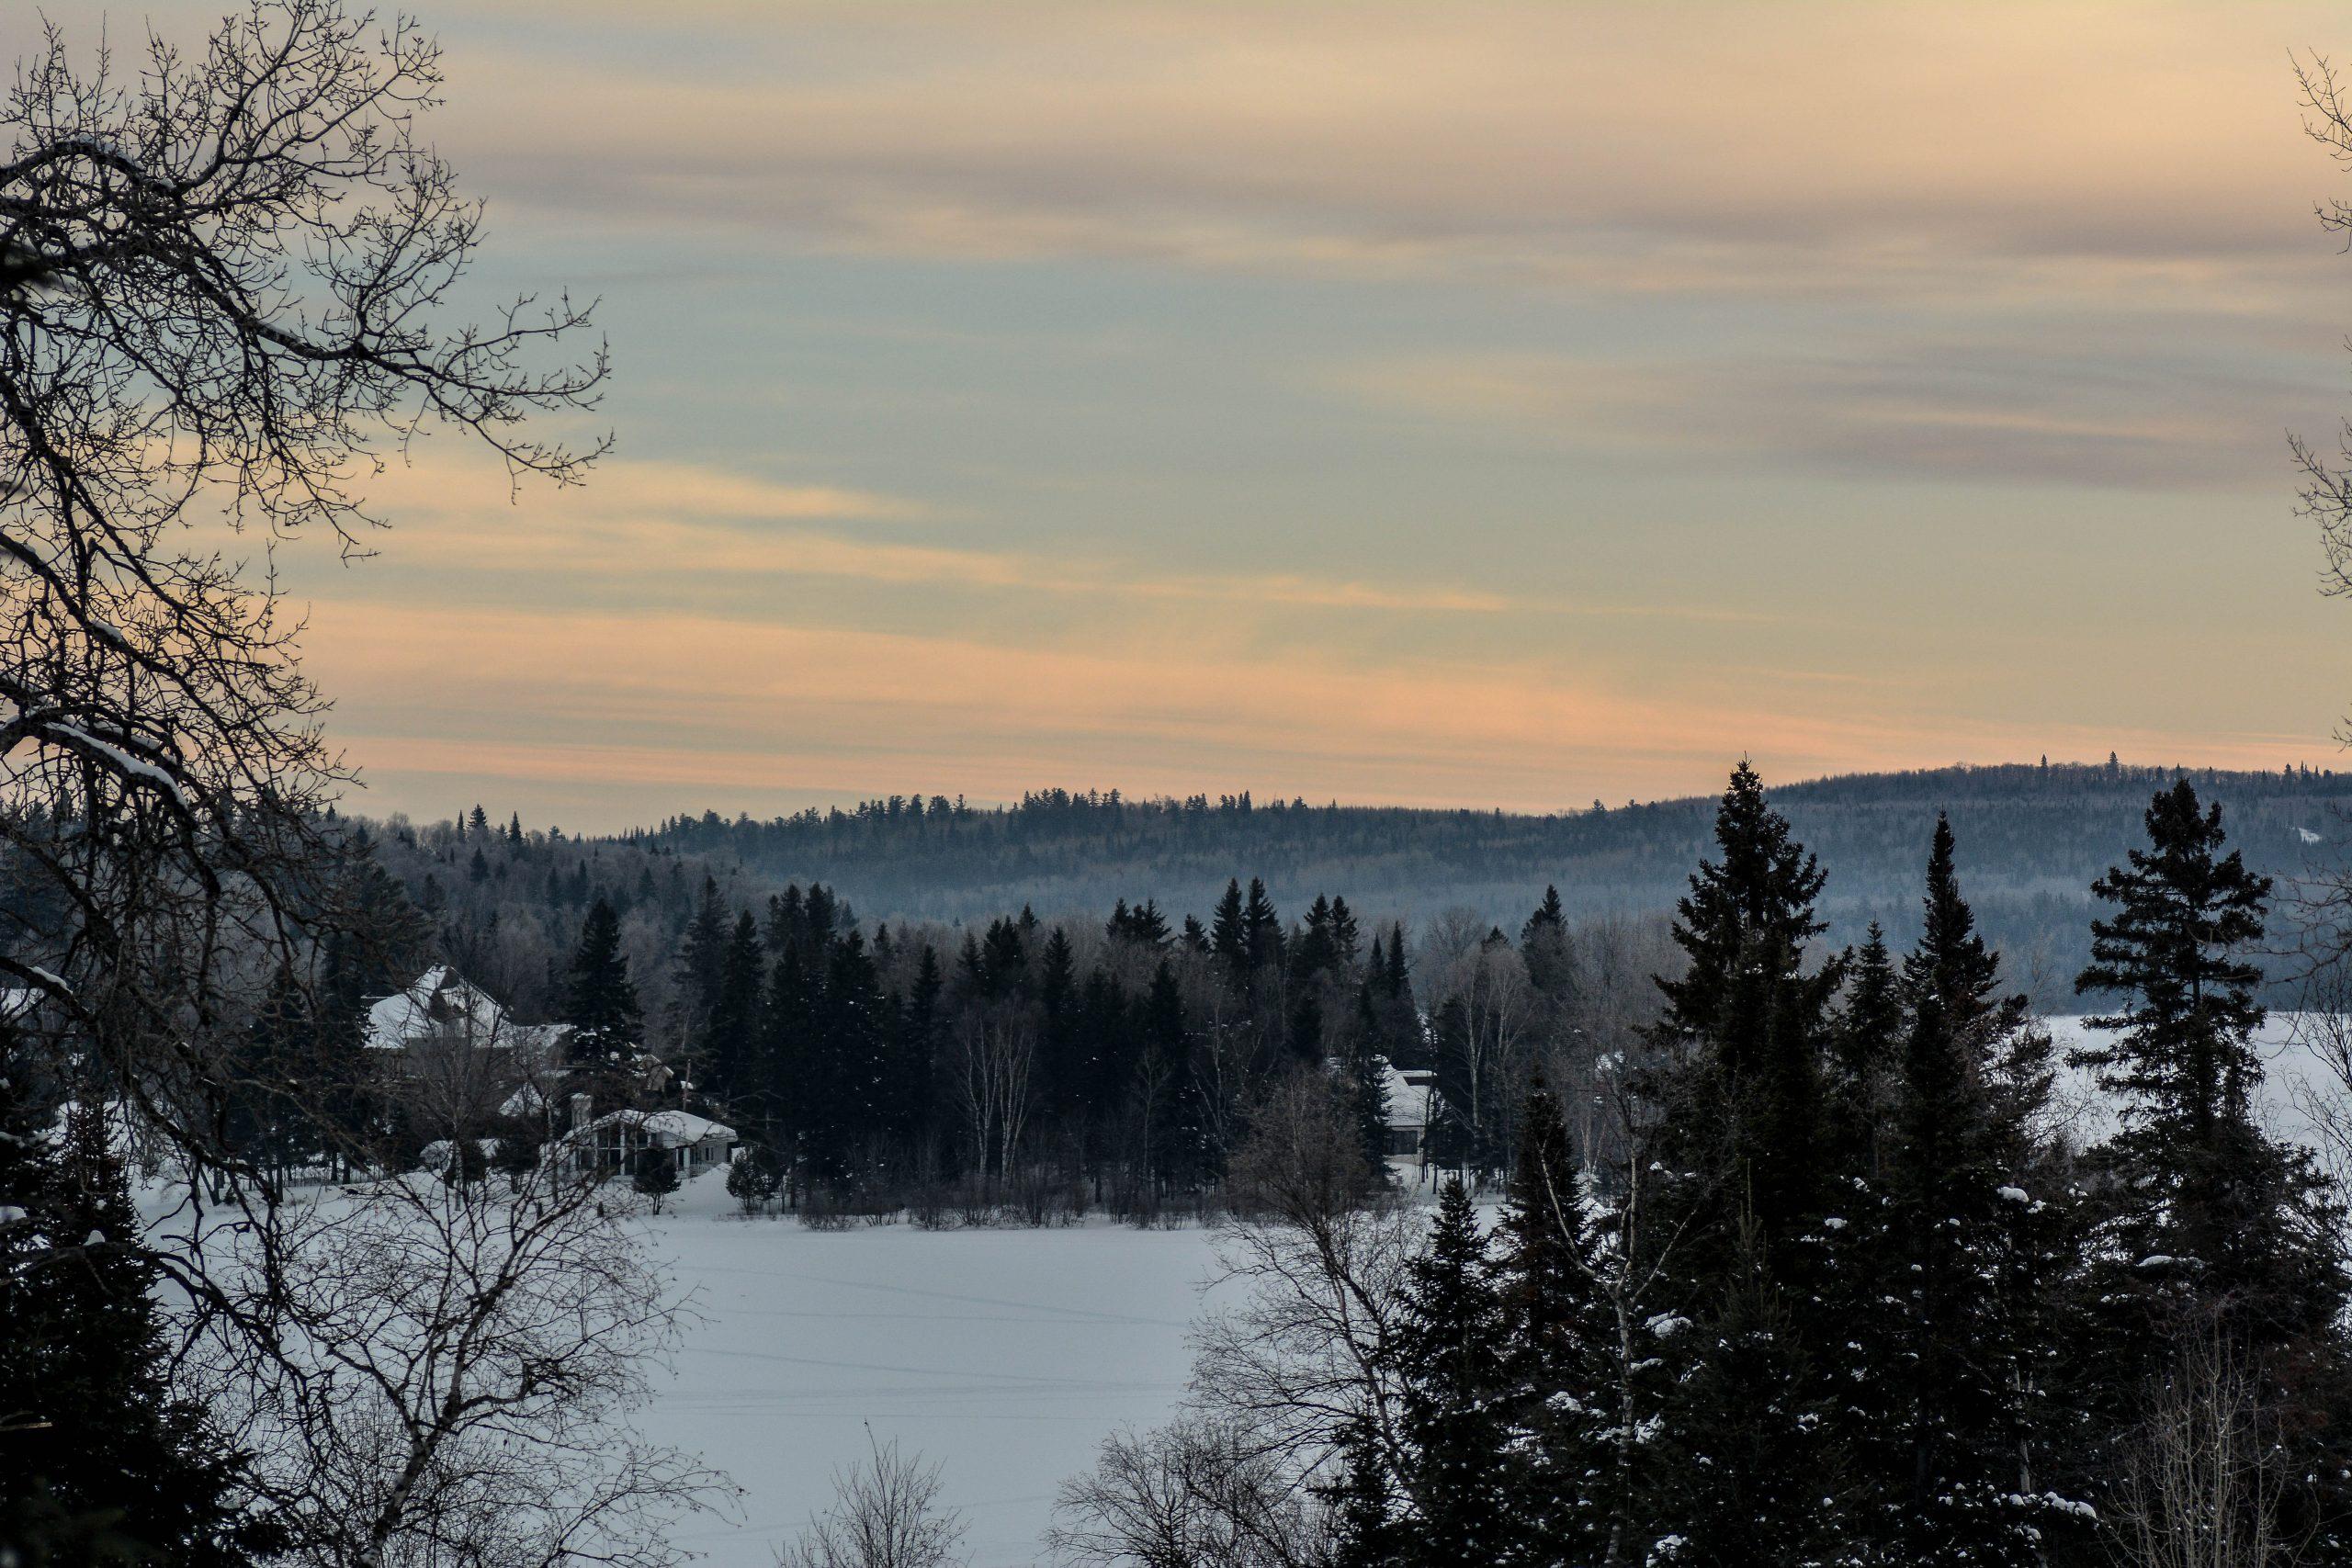 Arbres et montagnes dans un paysage hivernal